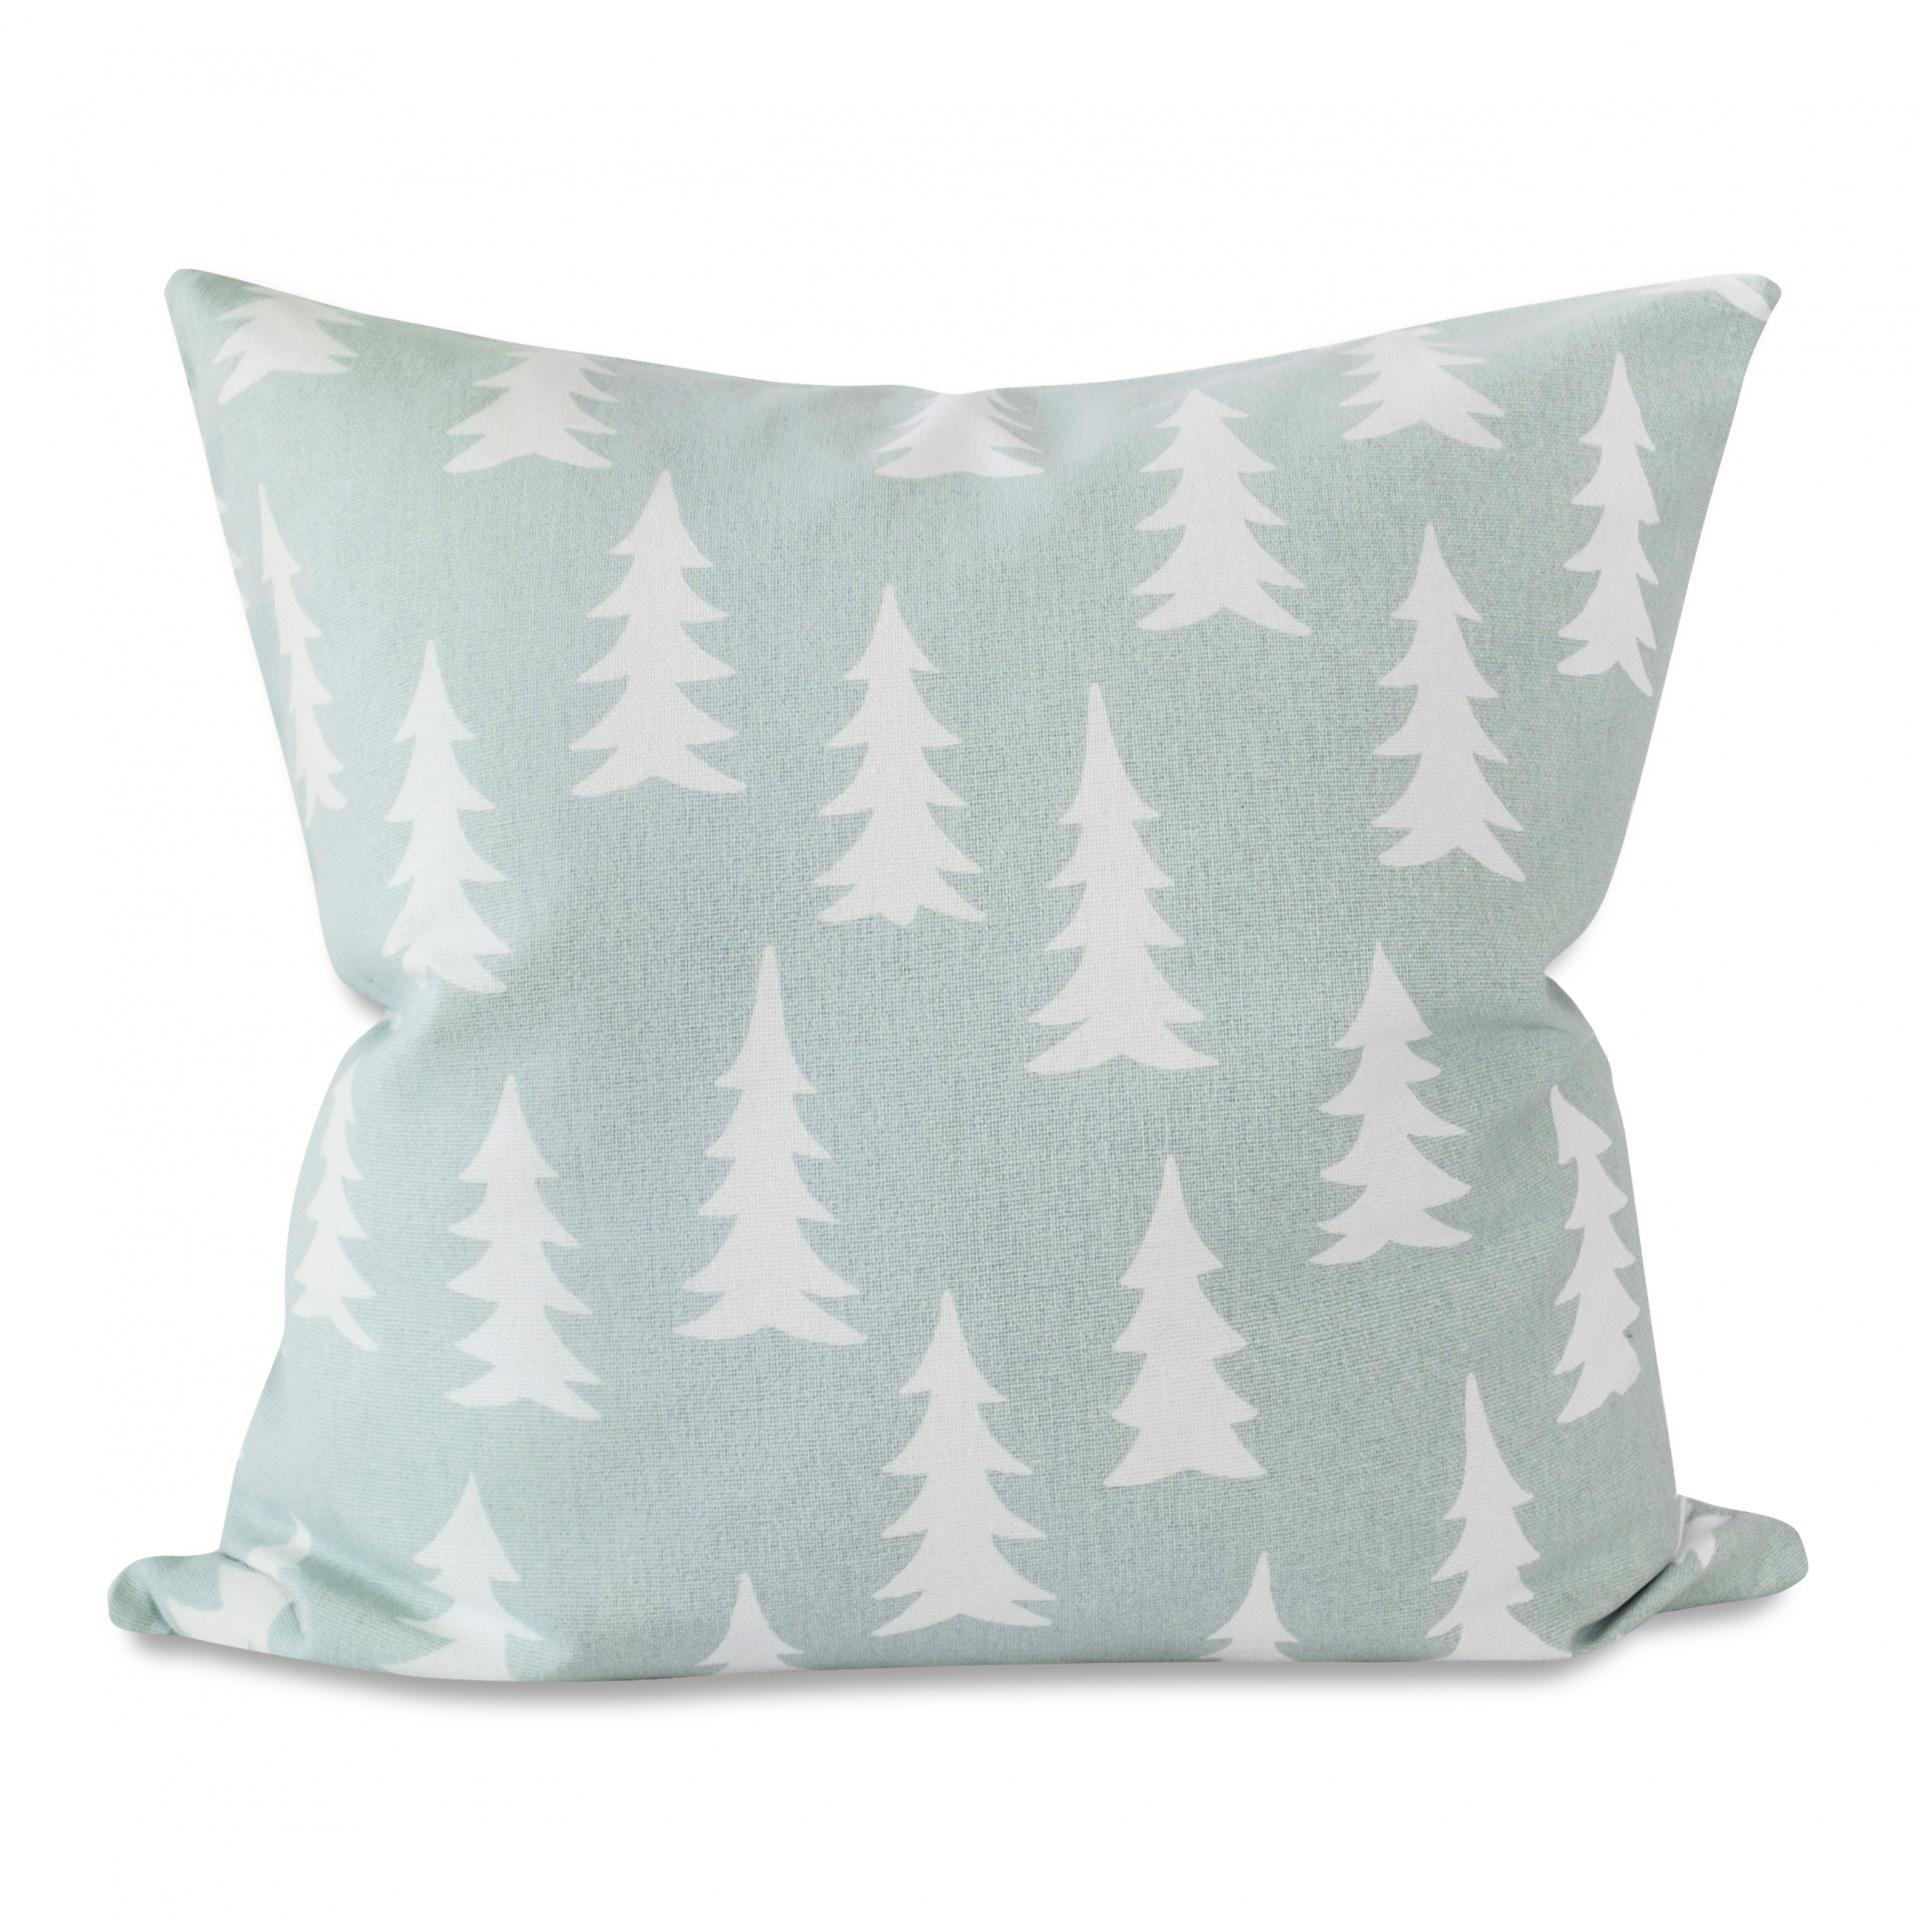 Fine Little Day Povlak na polštář Gran Sage Green 48x48cm, zelená barva, textil